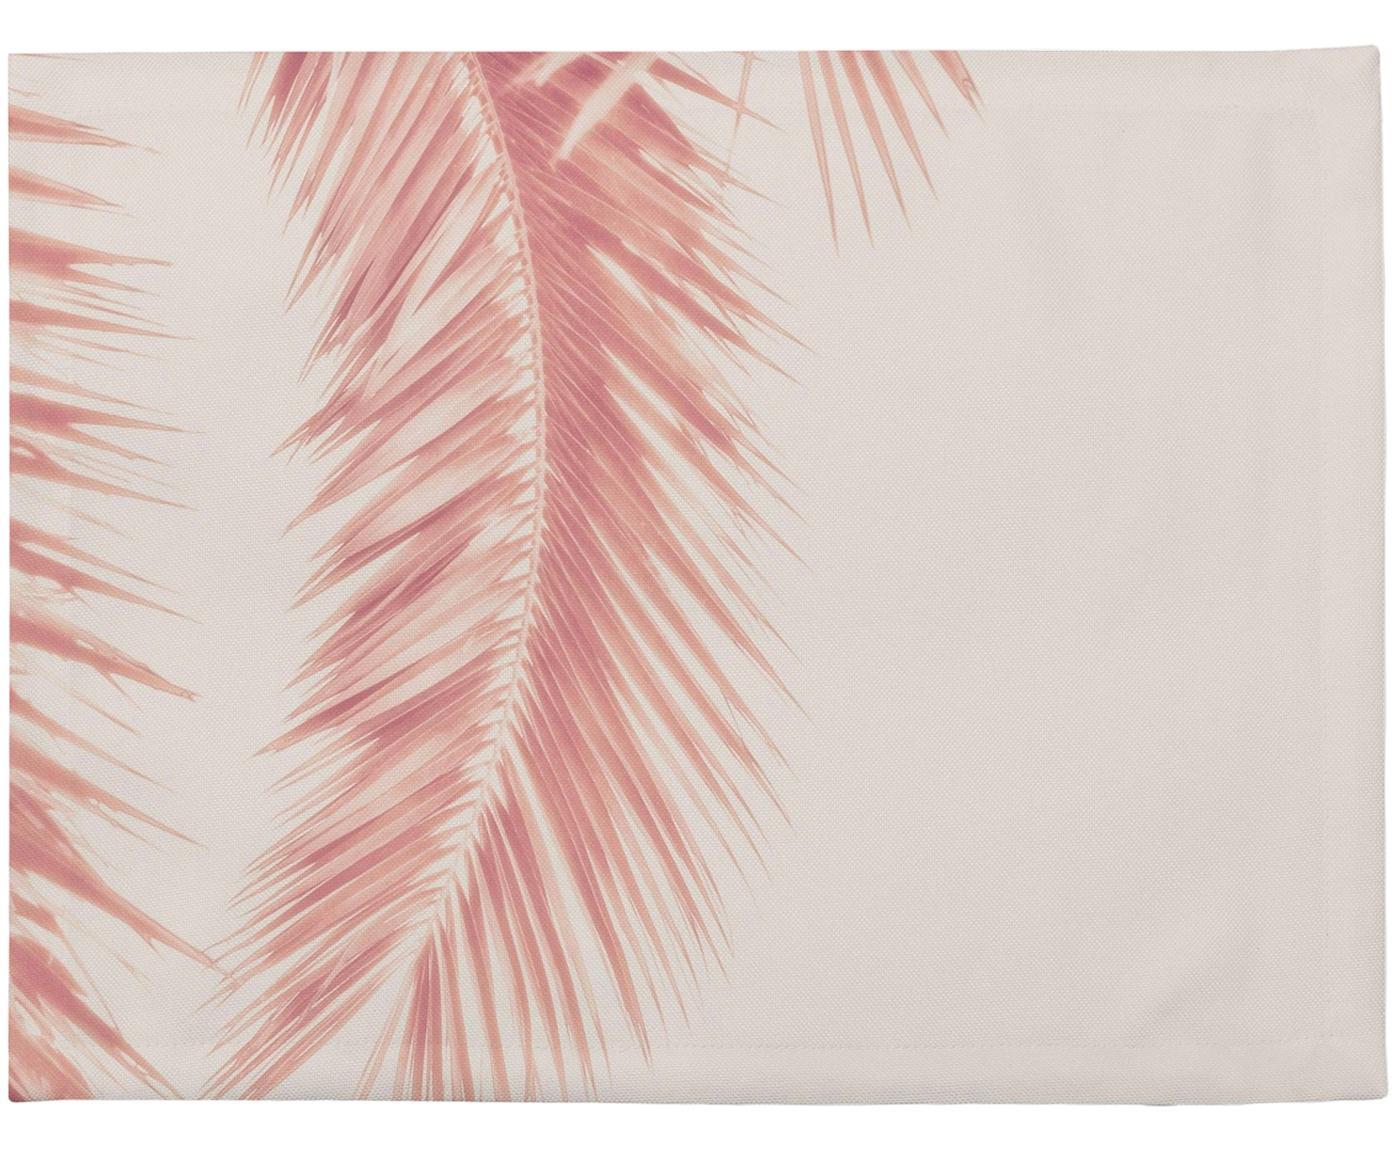 Manteles individuales Palm Leaves, 4uds., Poliéster, Tonos rosas, An 35 x L 45 cm